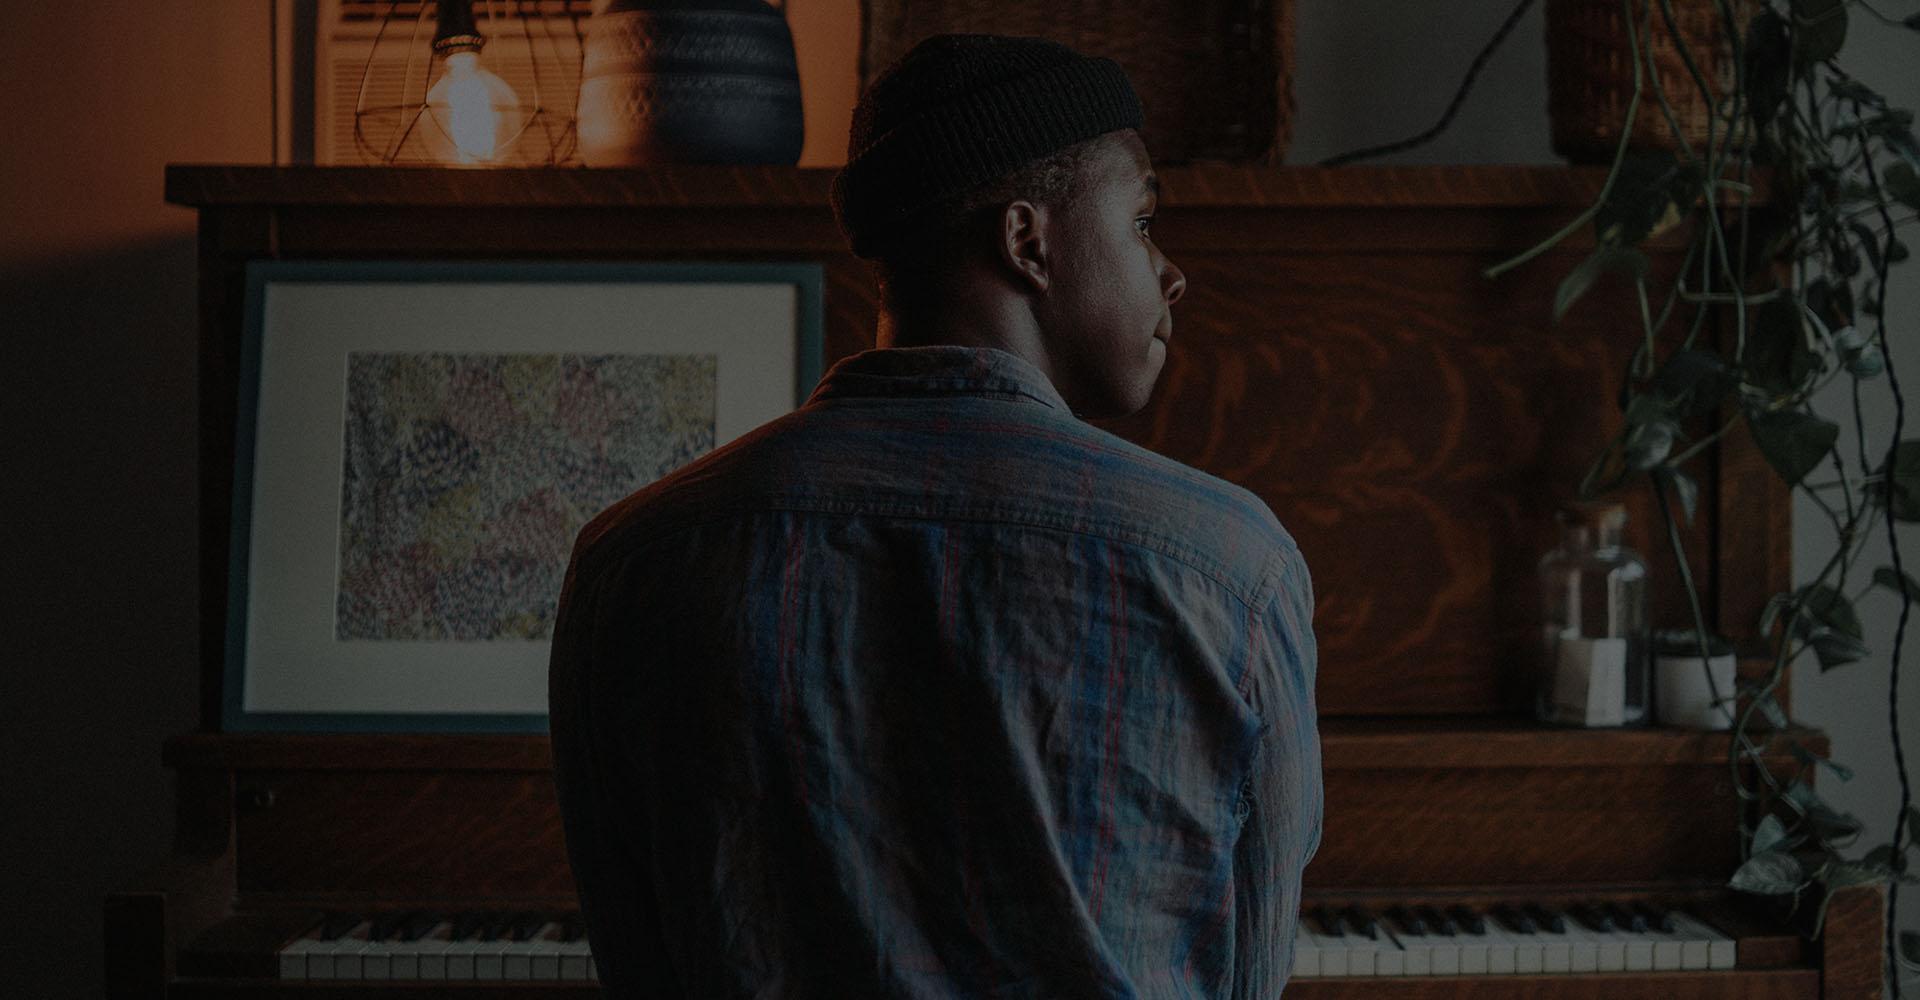 black man sitting at piano